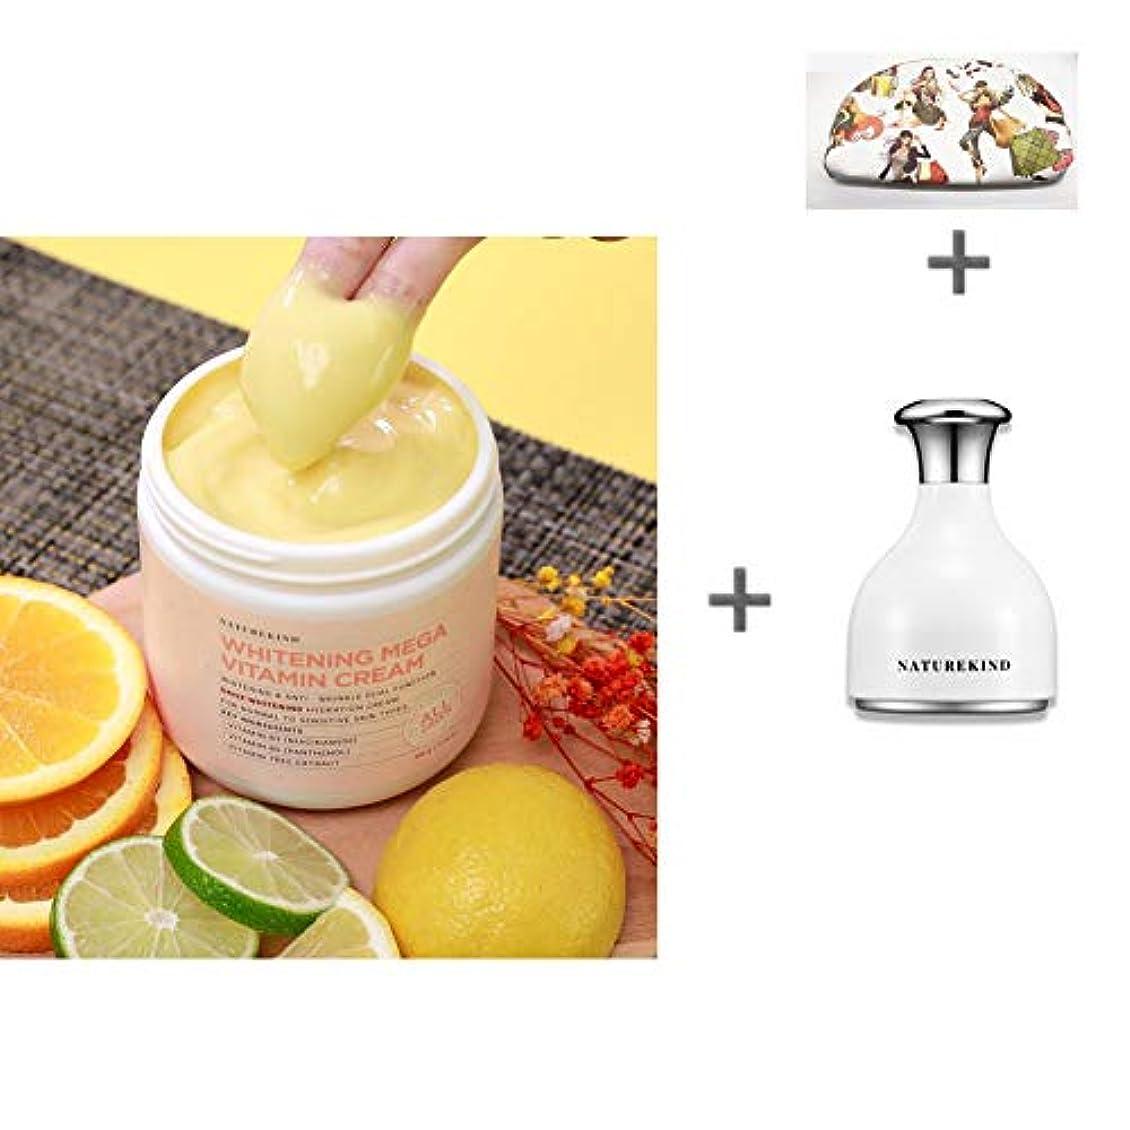 公混雑カウントアップ[ネイチャーカインド]美白ビタミンクリーム500gの大容量Vitamin Cream /全成分100%グリーン評価/敏感肌にも安心/トンオプ/保湿/くすみ除去/美白クリーム [海外直送品][並行輸入品] (クリーム+クーリングスティック)